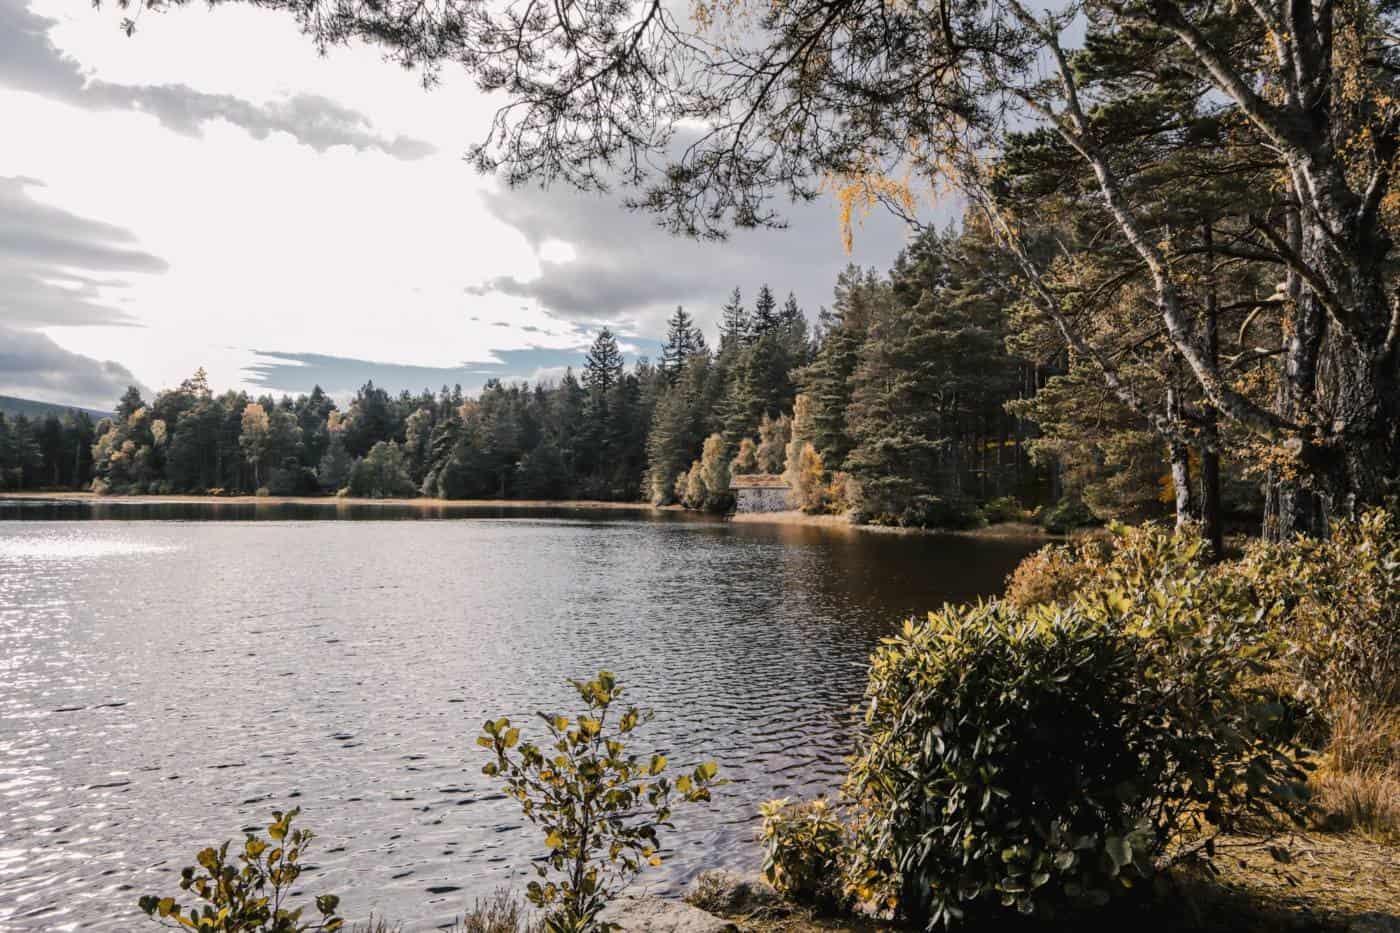 Glen Tanar estate in Aberdeenshire Scotland